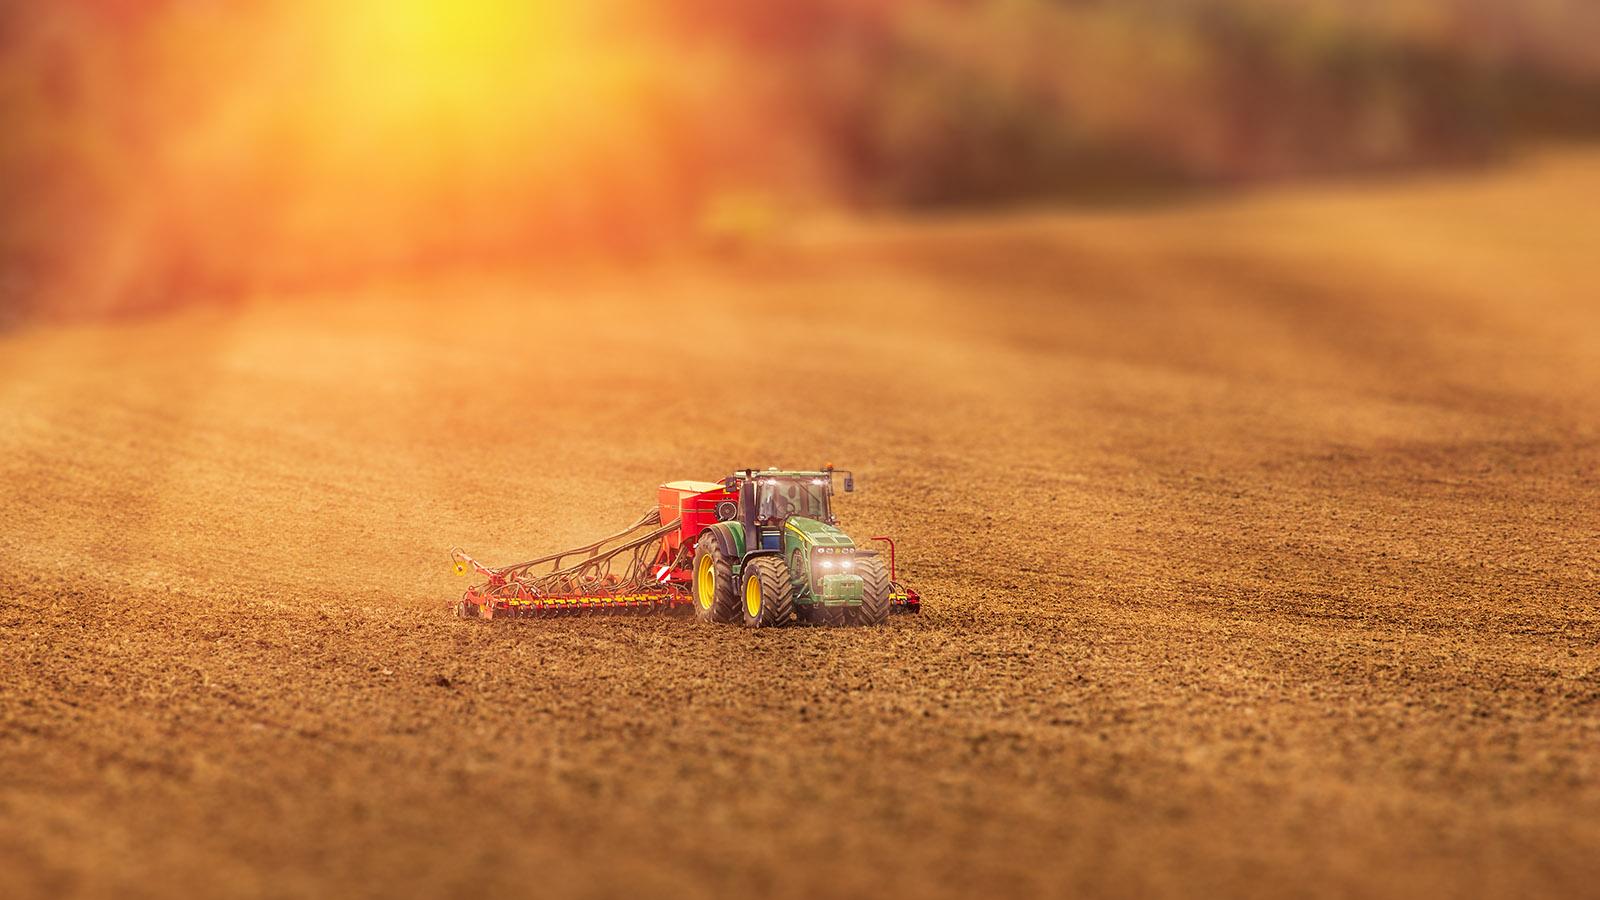 Fotka traktoru John Deere setí řepky na Vysočině od Jan Stojan Photography ©